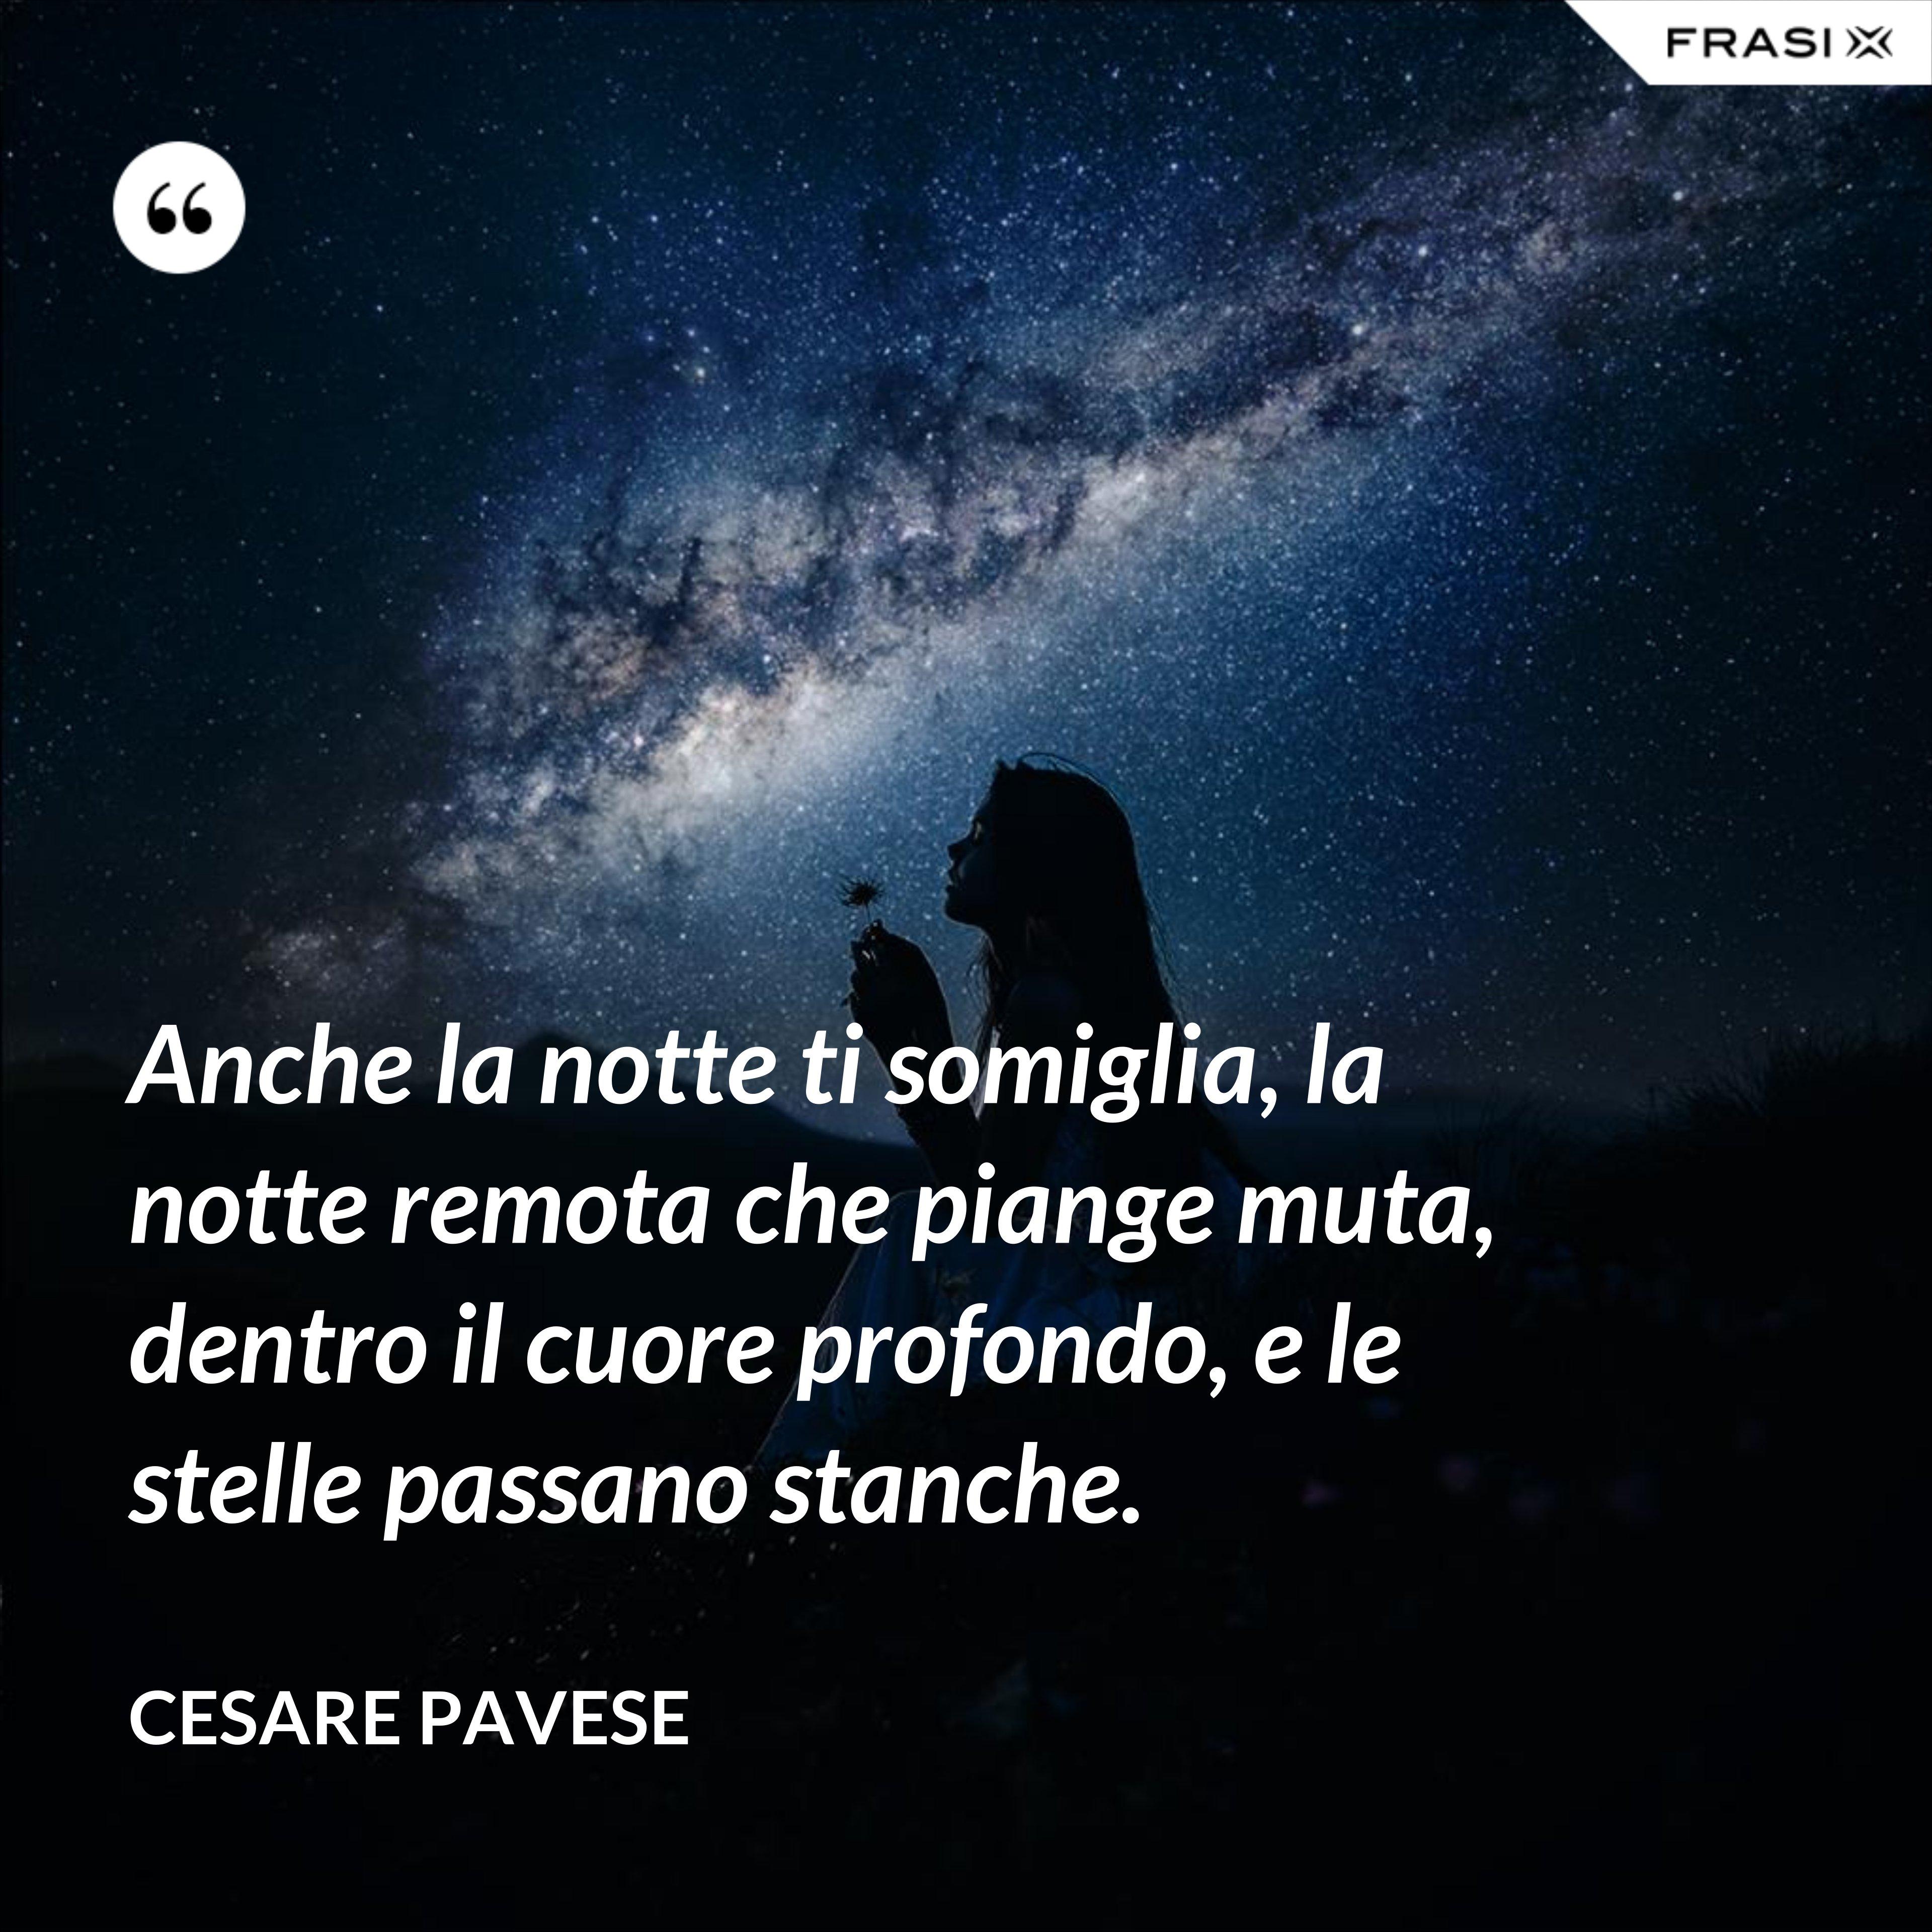 Anche la notte ti somiglia, la notte remota che piange muta, dentro il cuore profondo, e le stelle passano stanche. - Cesare Pavese